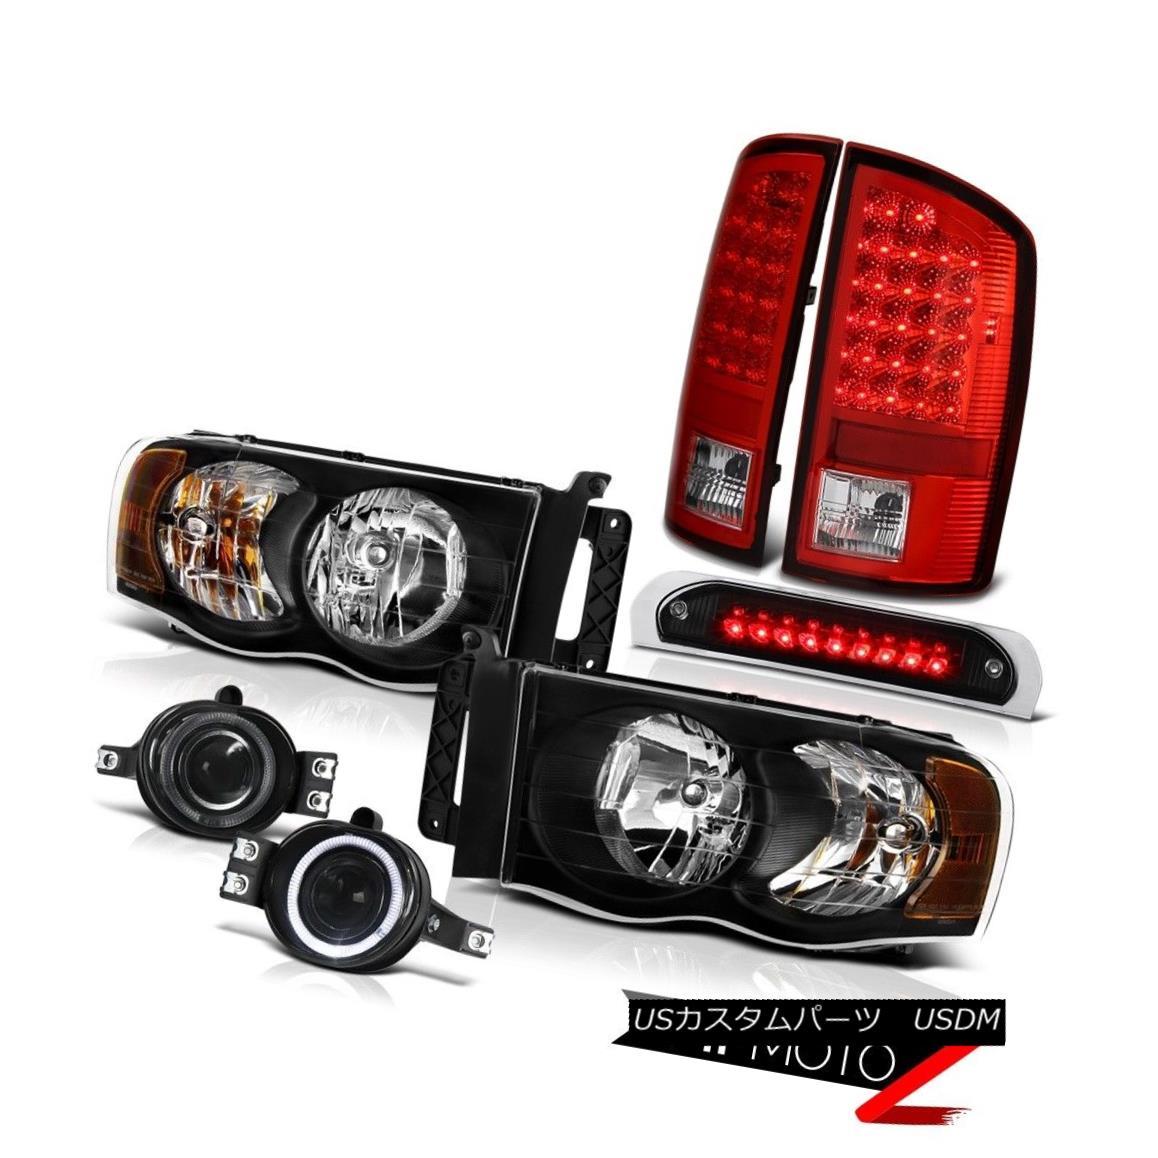 テールライト Pair Black Headlamps Bright L.E.D Taillamps Bumper Fog High 3rd LED 02-05 Ram WS ペアブラックヘッドランプブライトL.E.Dタイルランプバンパーフォグハイ3番目のLED 02-05 Ram WS